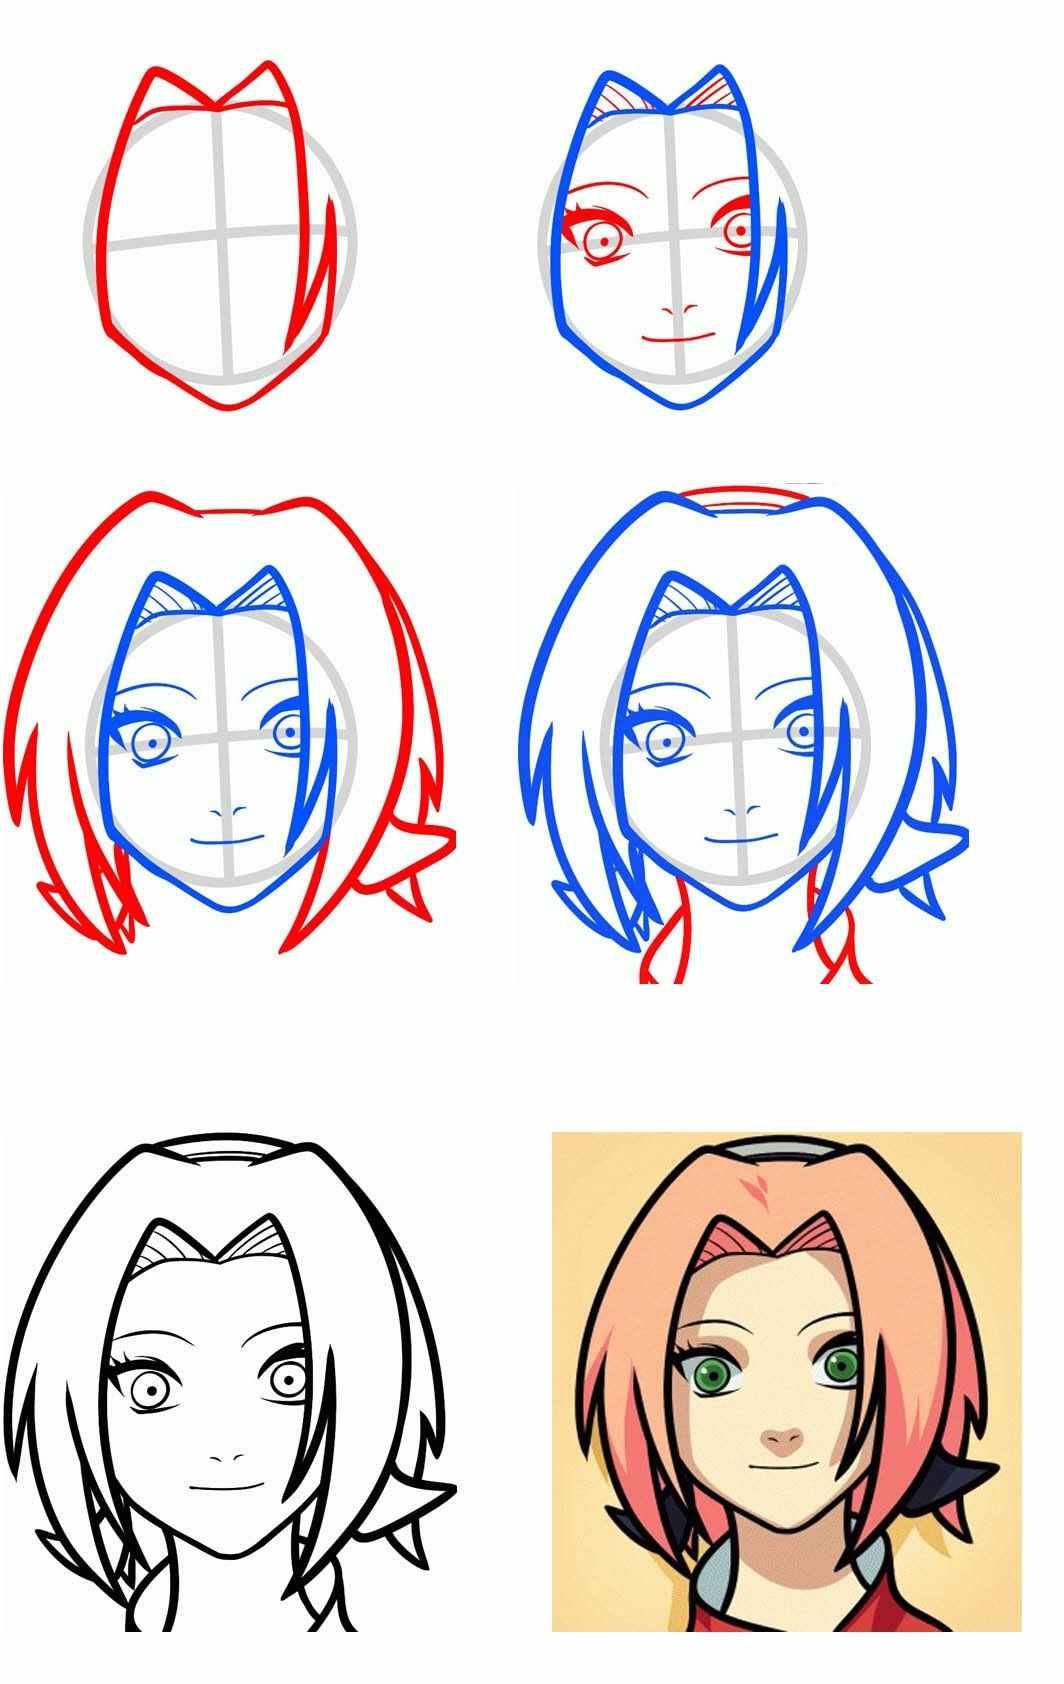 Легкие картинки для срисовки в стиле аниме 12